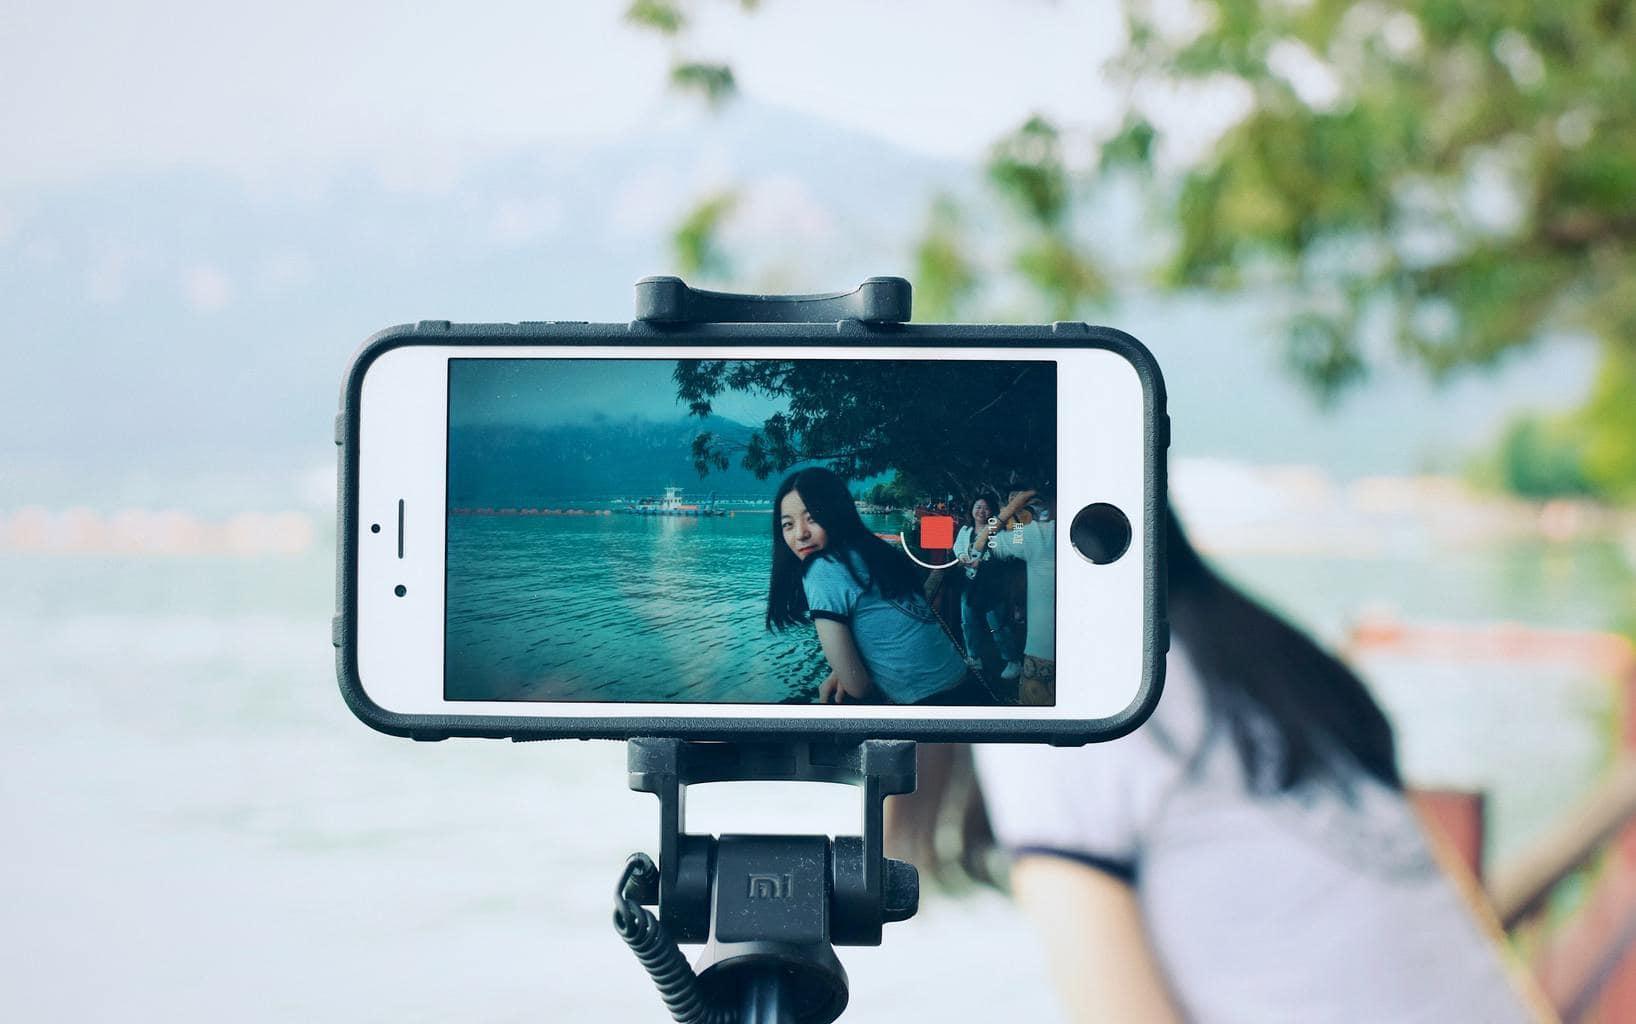 Selfie con el móvil en el trípode y temporizador activado